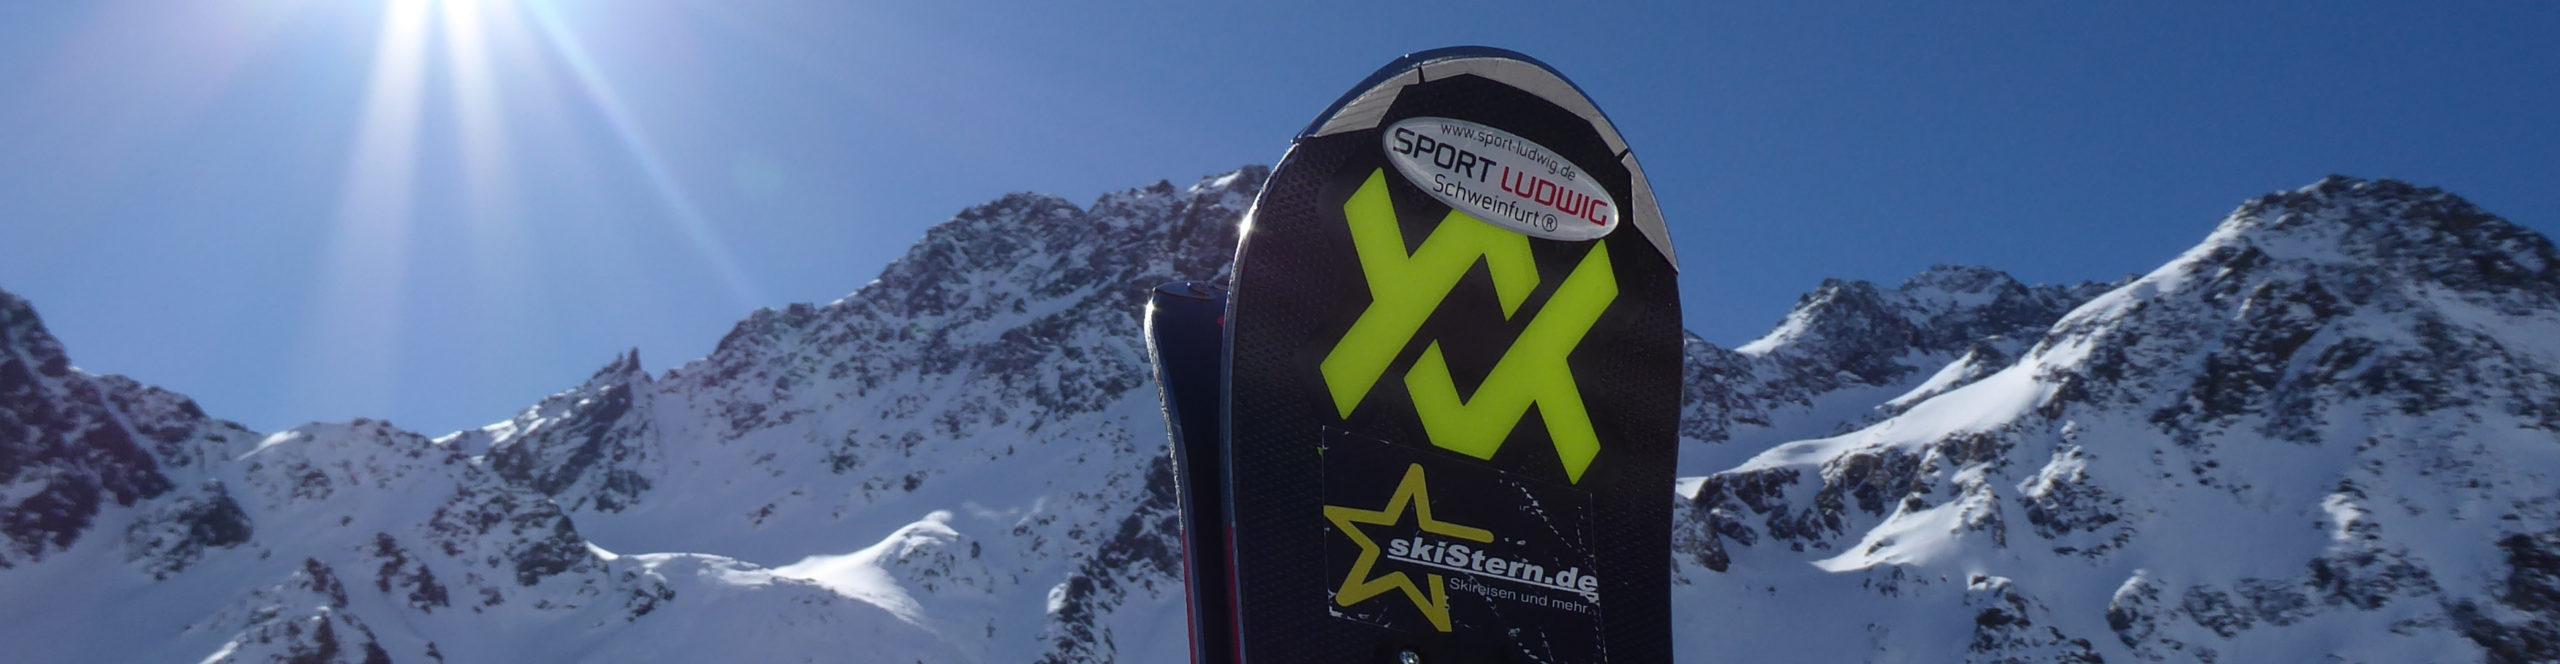 SERFAUS – FISS – LADIS – SchneeSPARTag inkl. Skipass – Guter Schnee zu gutem Preis!!!